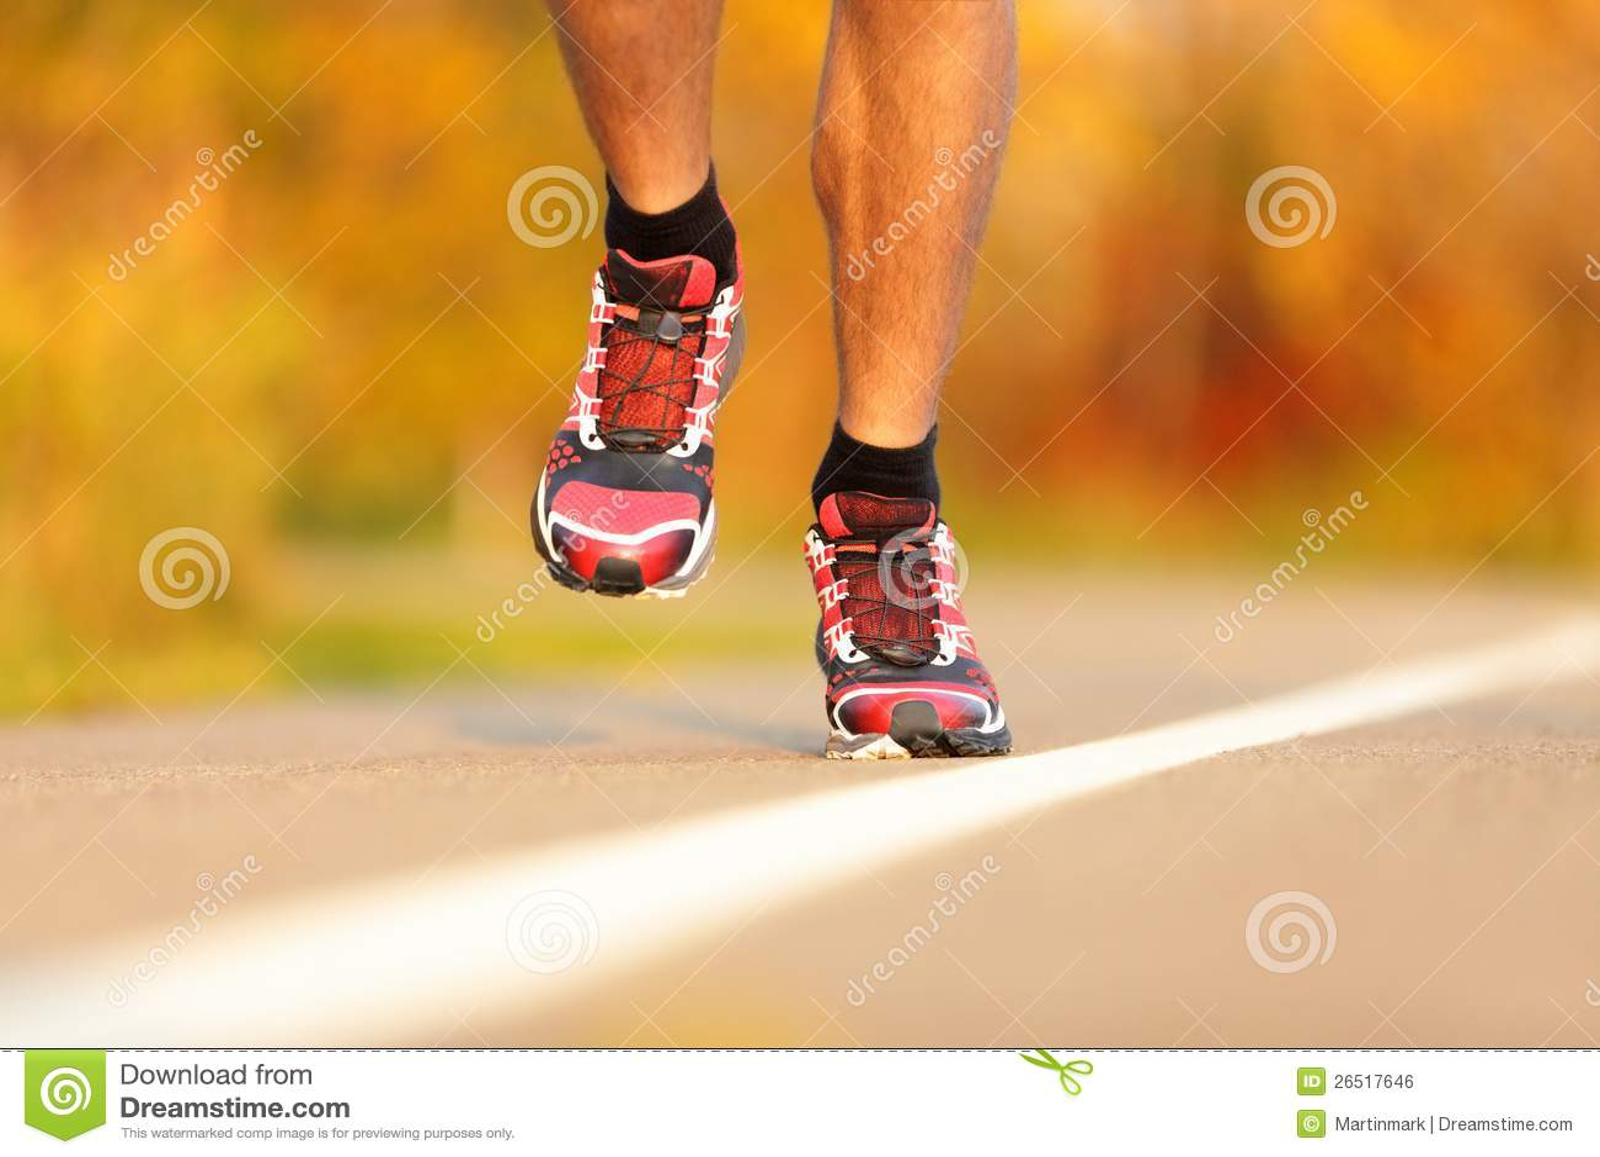 Sapatas running do atleta